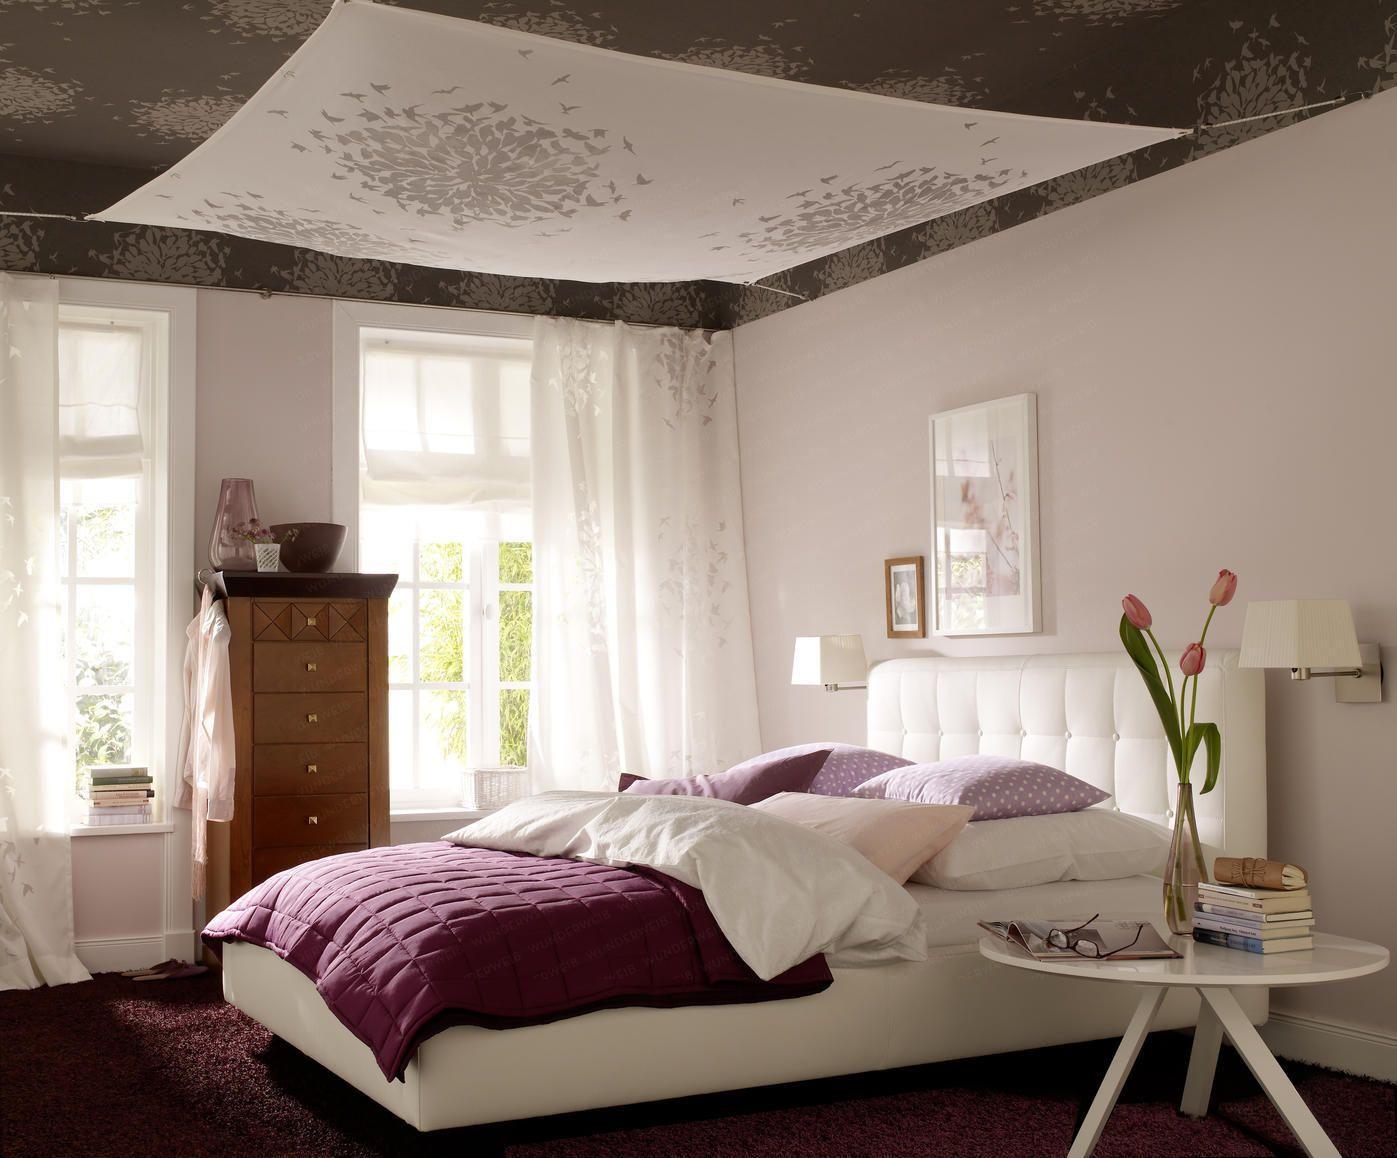 17 best images about schlafzimmer ideen betten kleiderschränke haus raumgestaltung